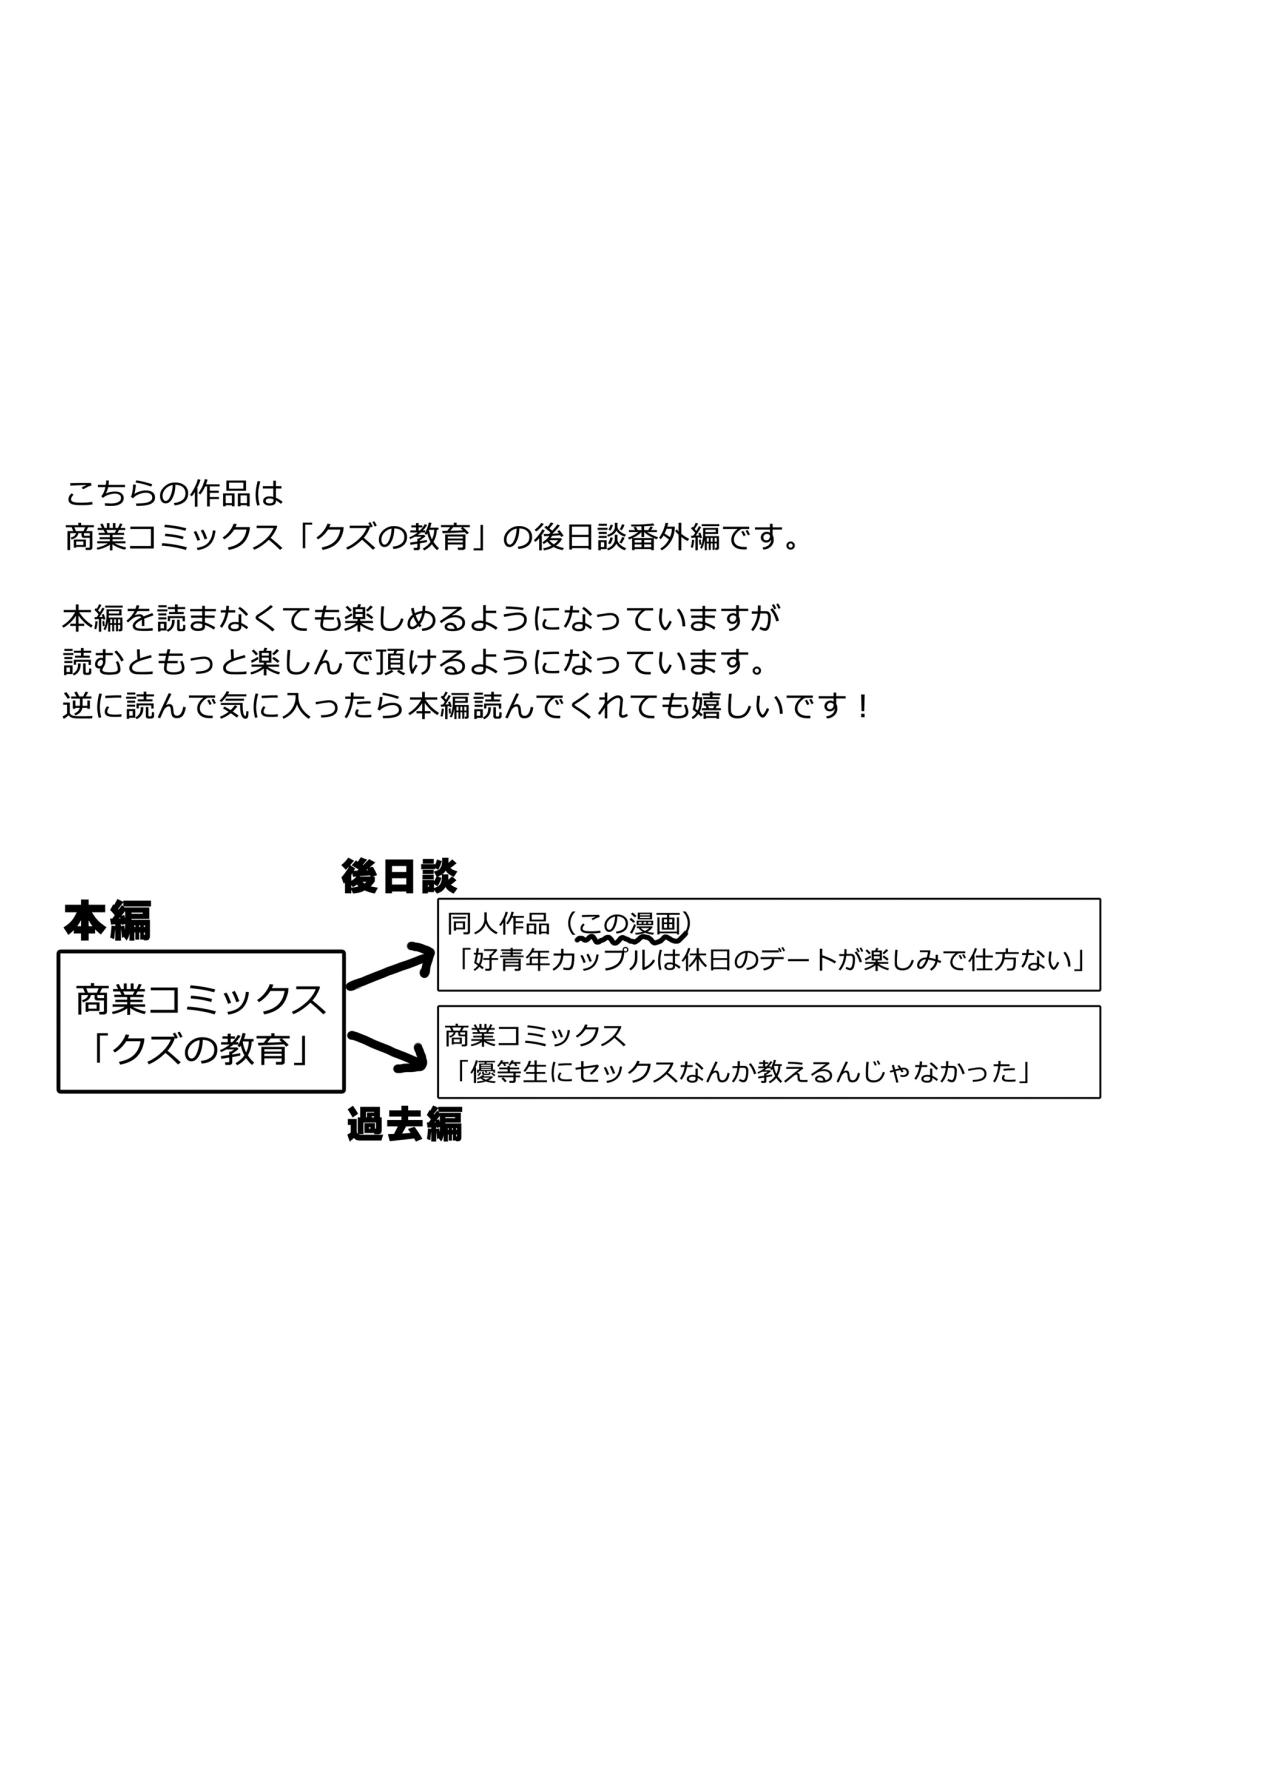 Kō seinen kappuru wa kyūjitsu no dēto ga tanoshimi de shikatanai 1